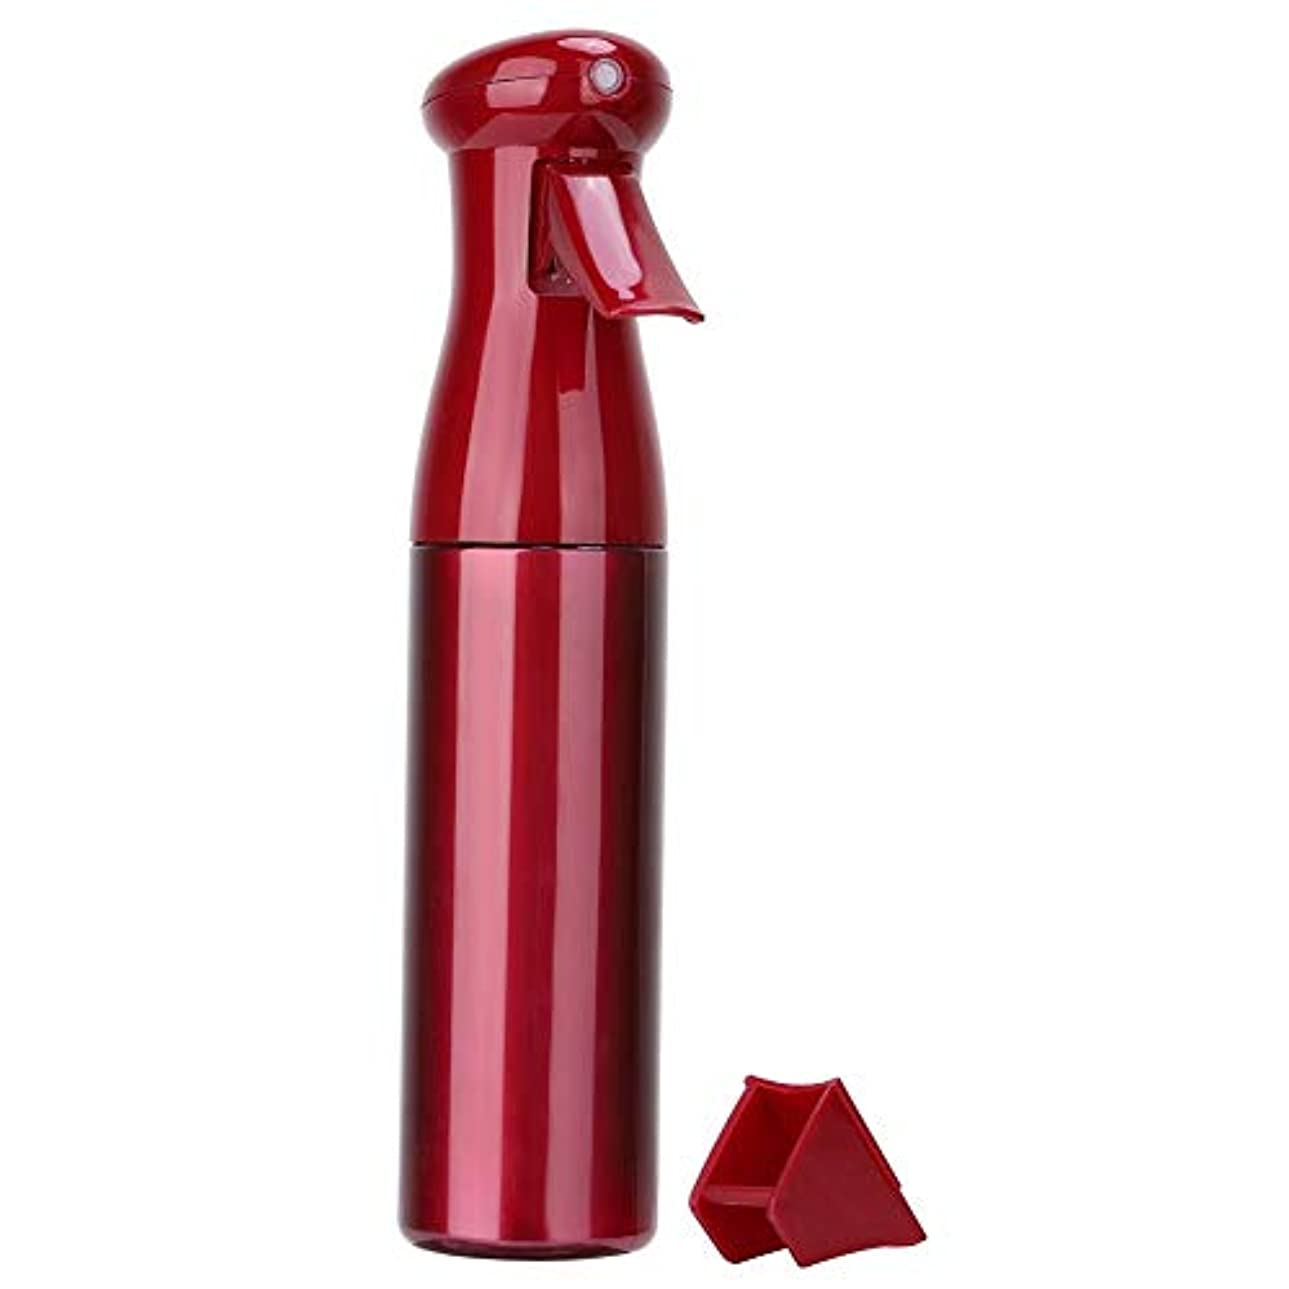 リー狐凍結Nitrip スプレーボトル 霧吹き 極細のミストを噴霧する サロン理髪用 花植えツール 美髪師用 持ち運び便利 3色(赤)